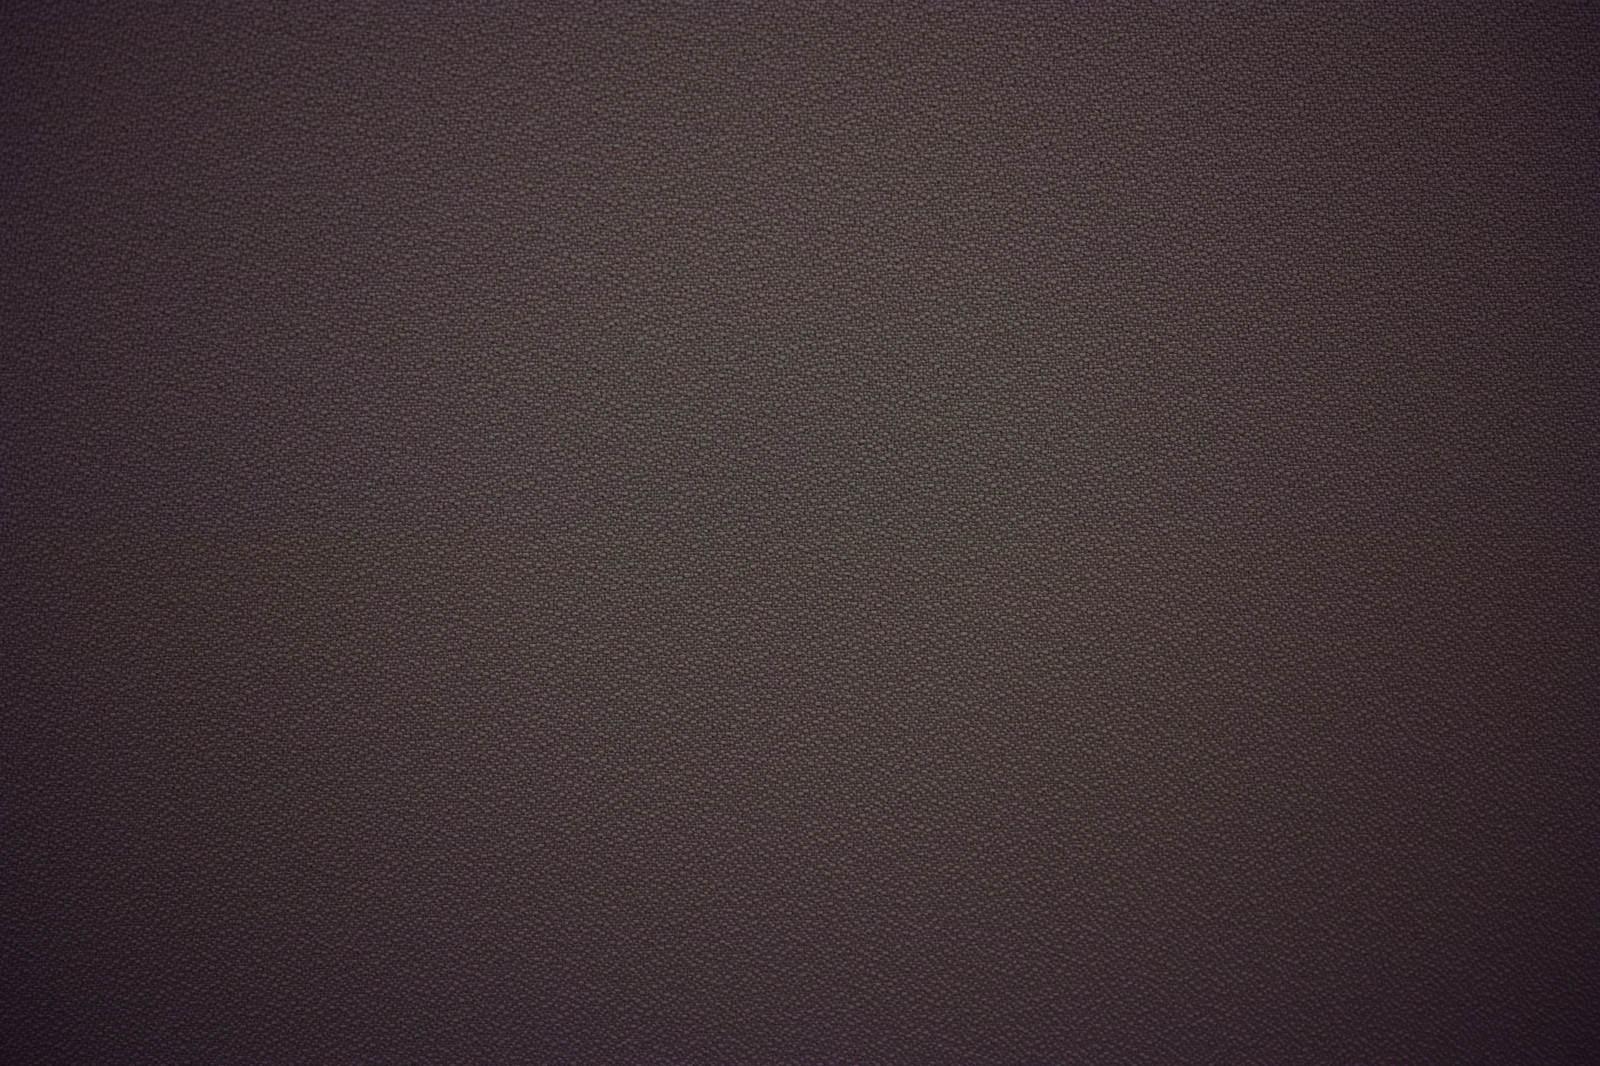 「ざらついた壁」の写真